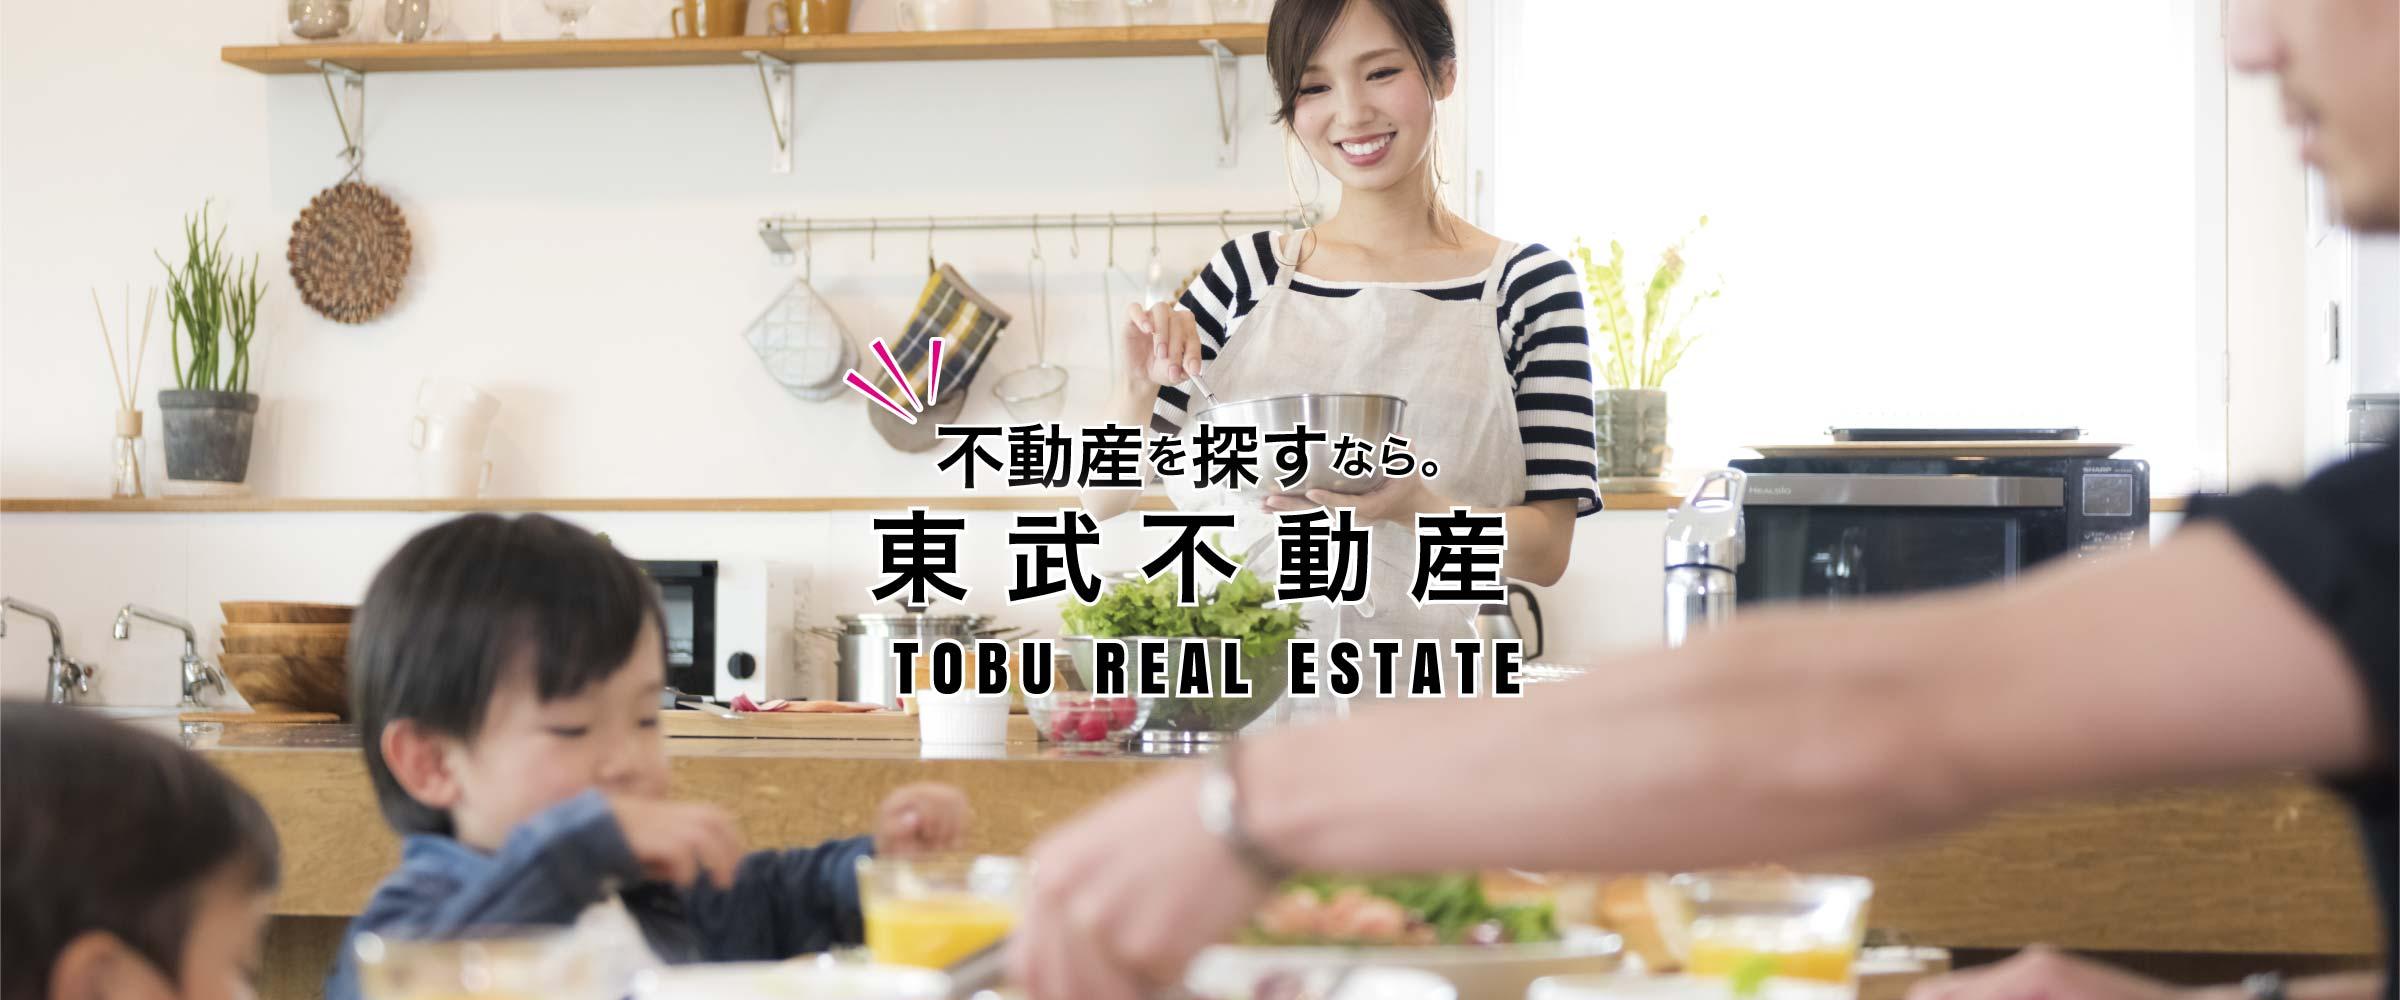 不動産を探すなら。東武動産 TOBU REAL ESTATE